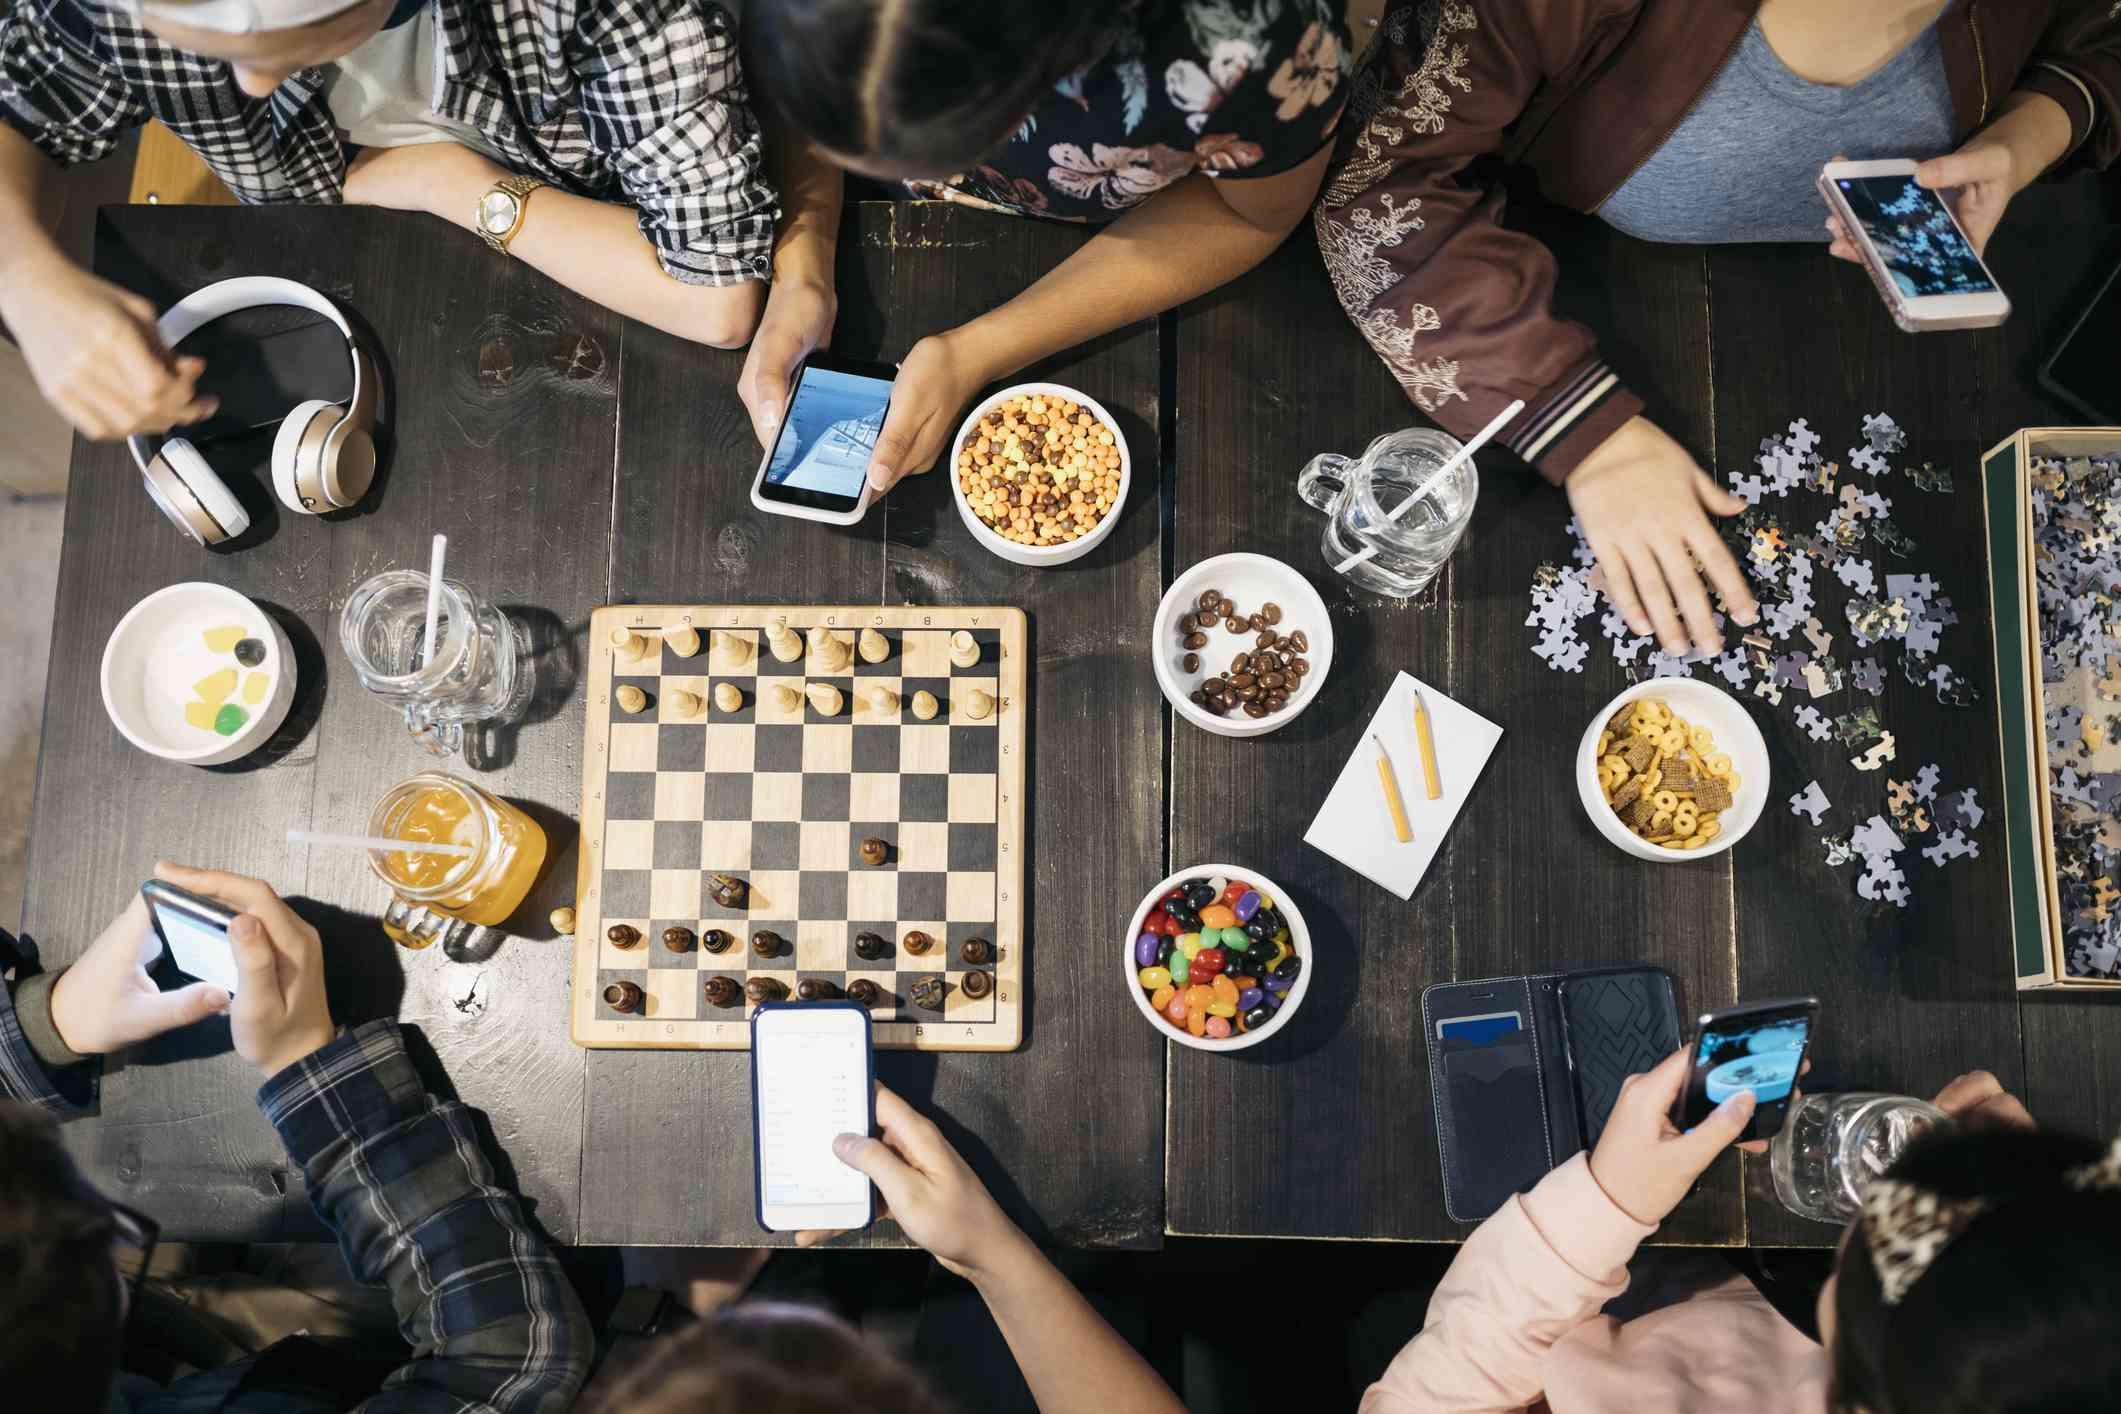 Mesa con tarjeta de lugar y una calabaza dorada